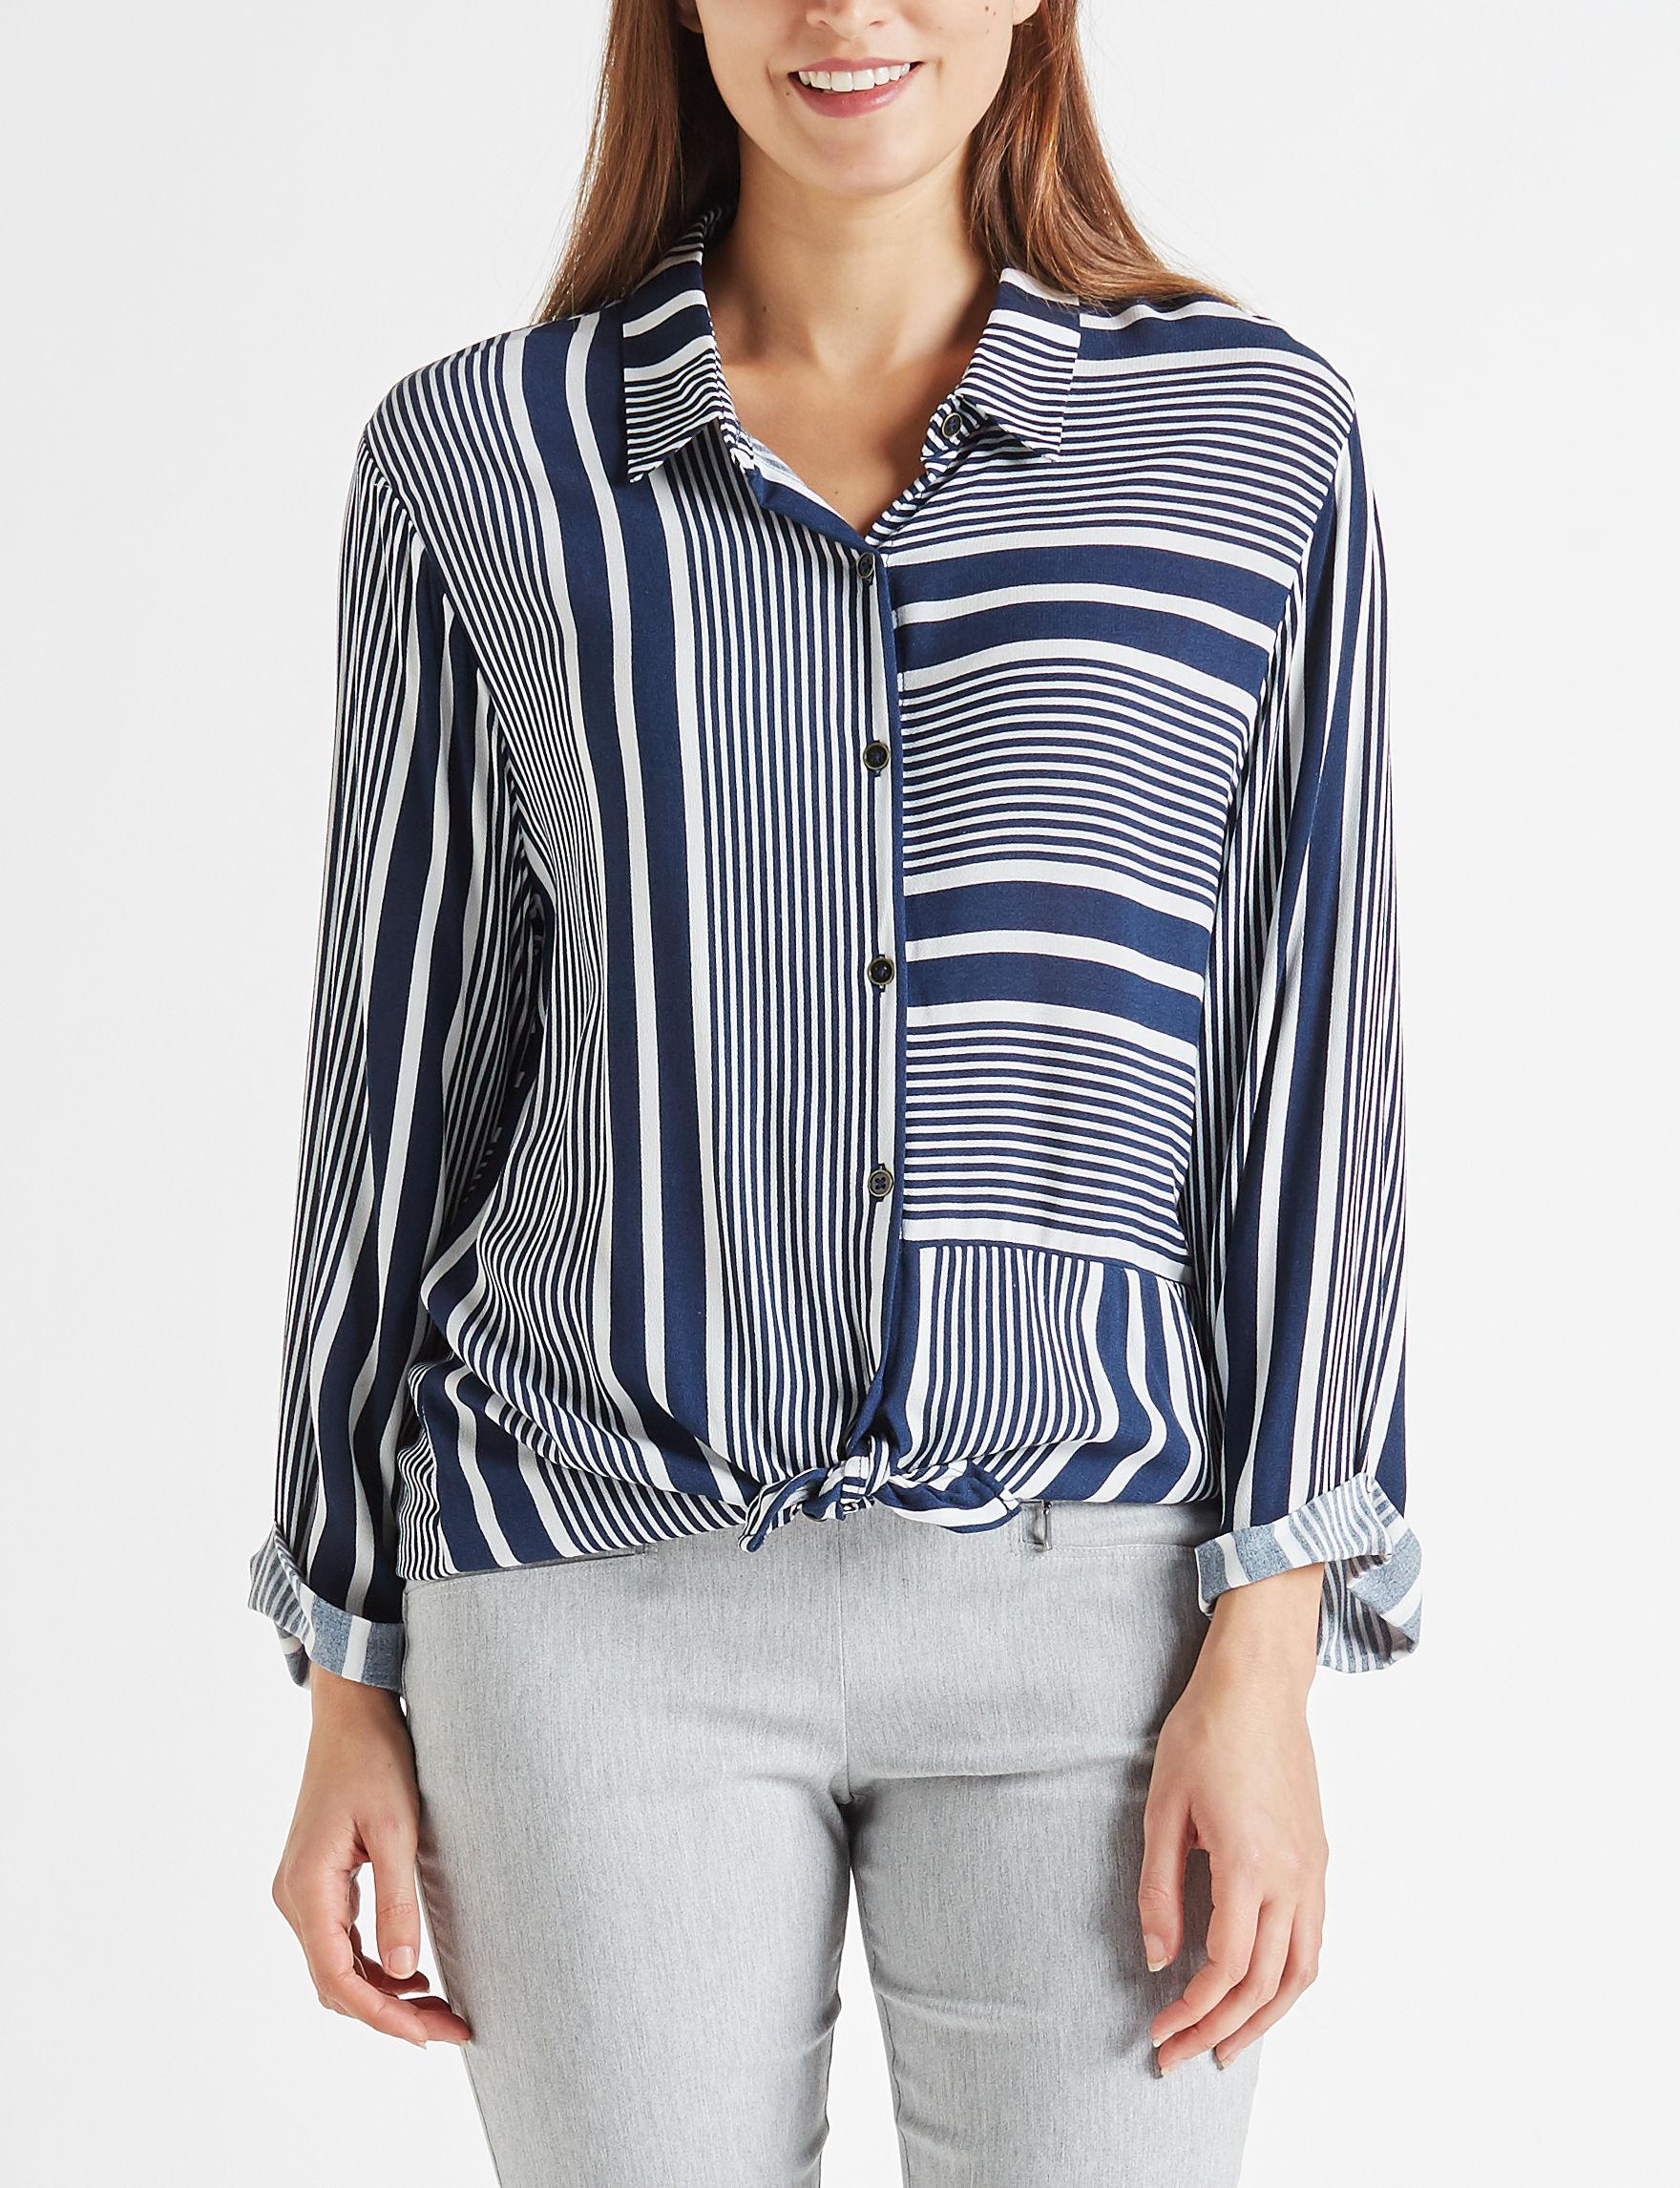 Leighton White/Navy Shirts & Blouses